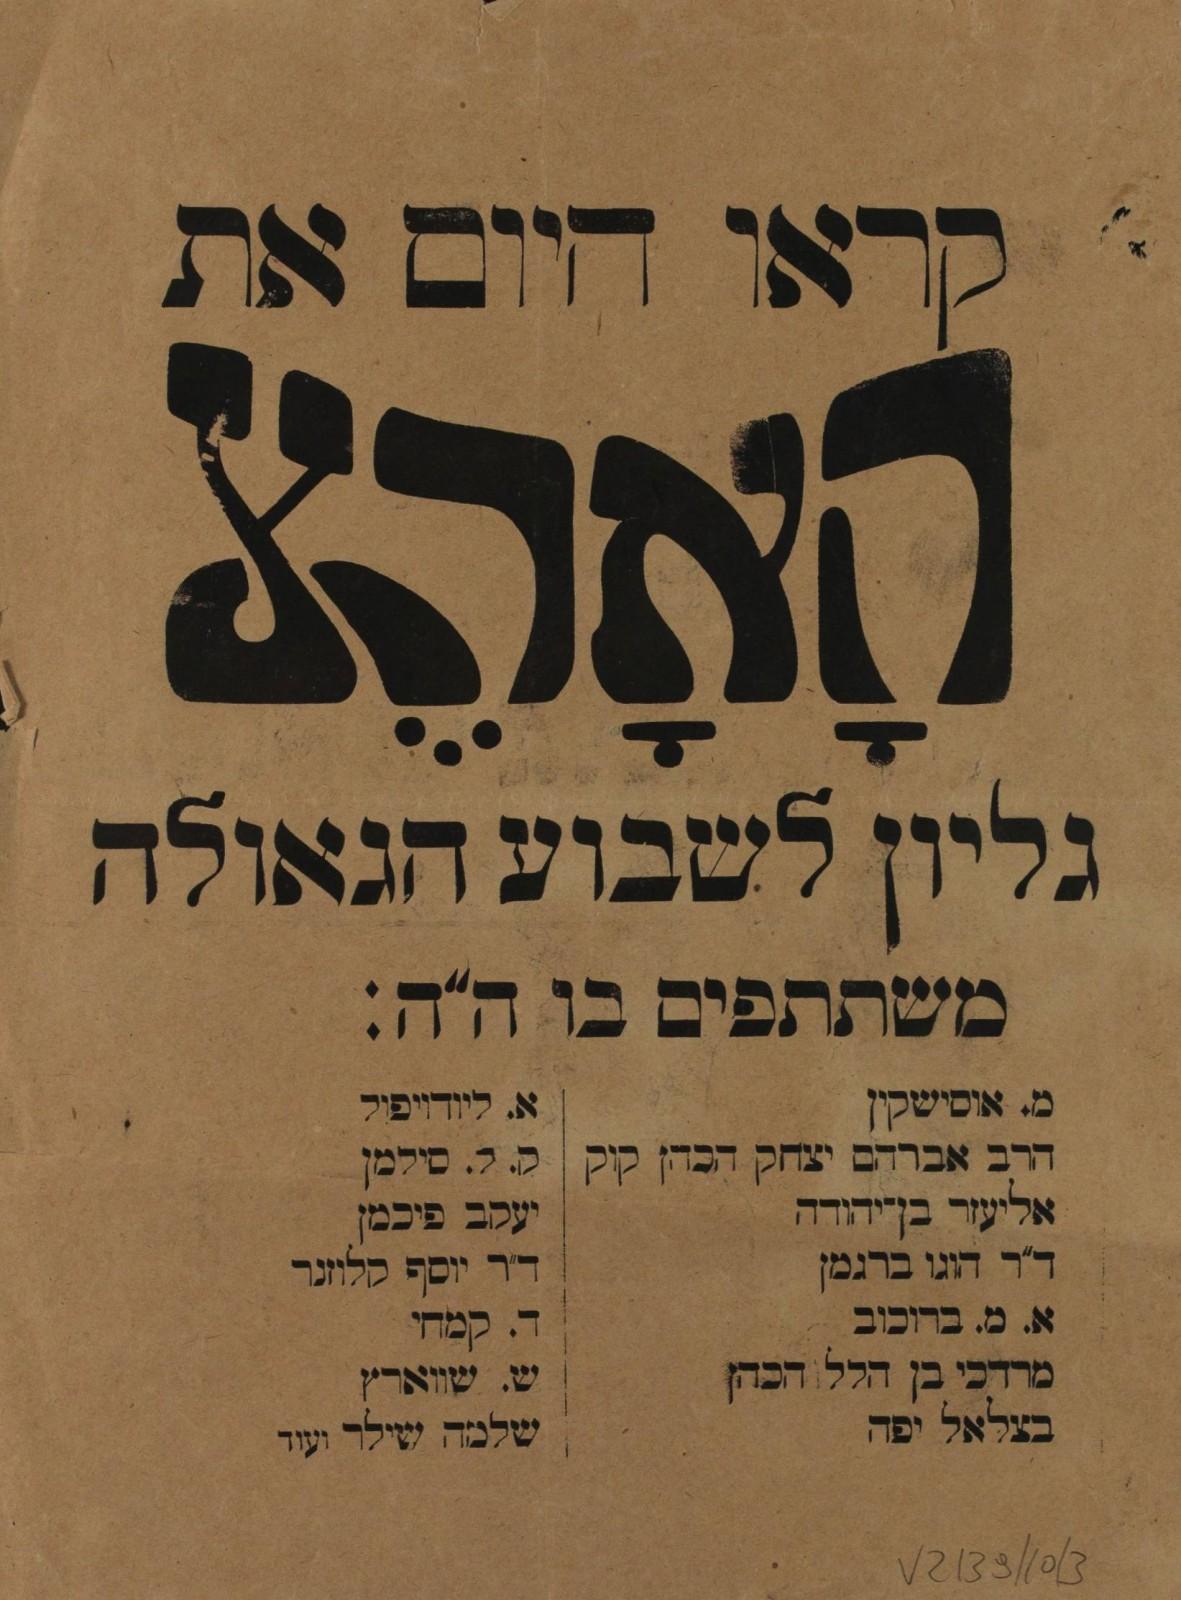 """כרזת """"הארץ"""" לרגל """"שבוע הגאולה"""",  1920 (אוסף הספרייה הלאומית)"""